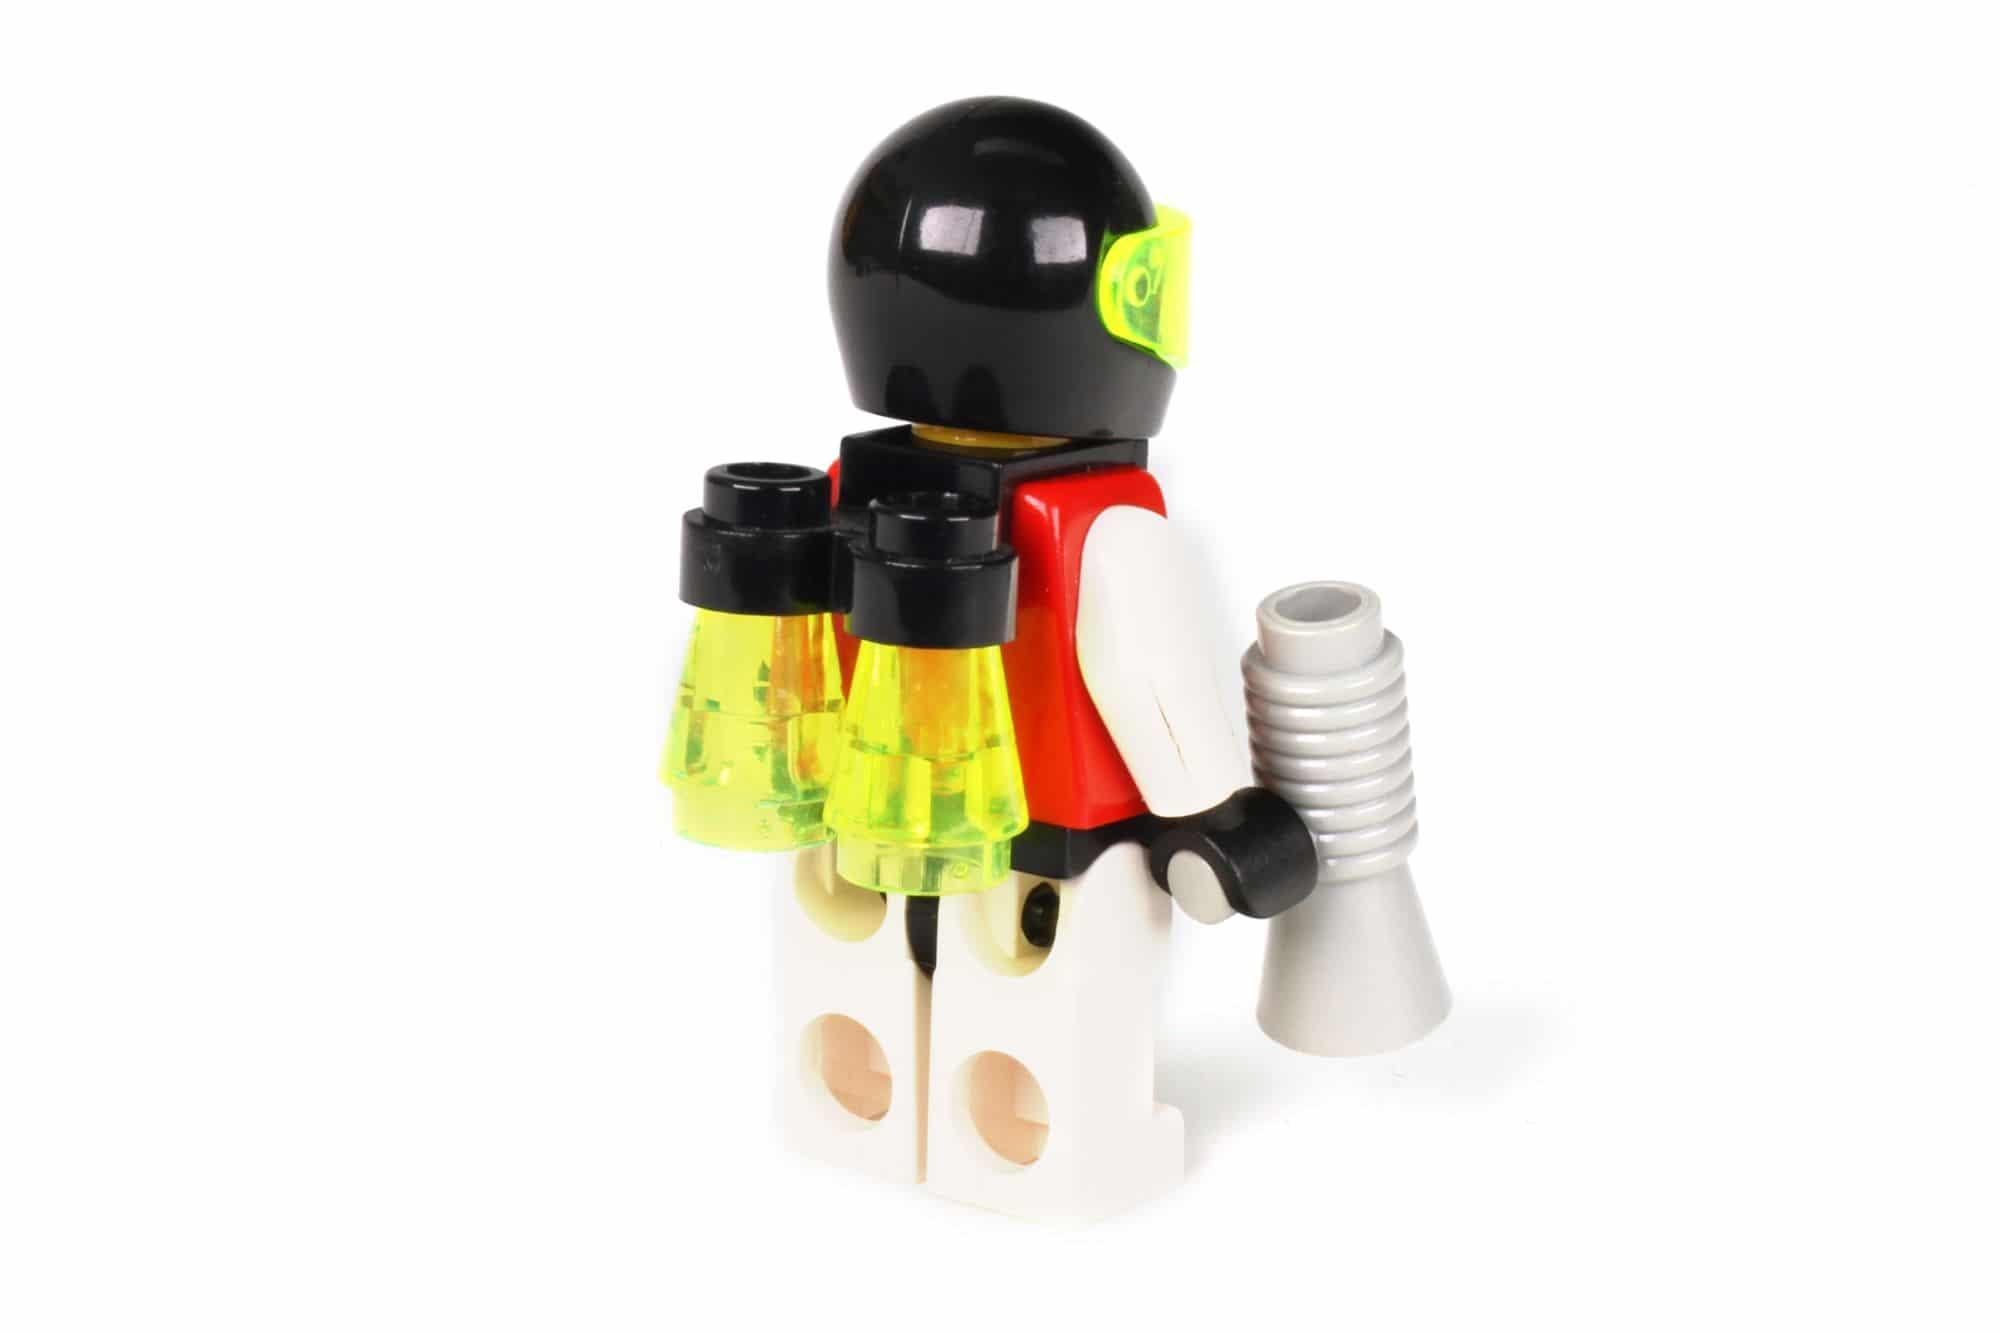 LEGO 6704 Space Minifig Pack Spezielle M Tron Figur 2